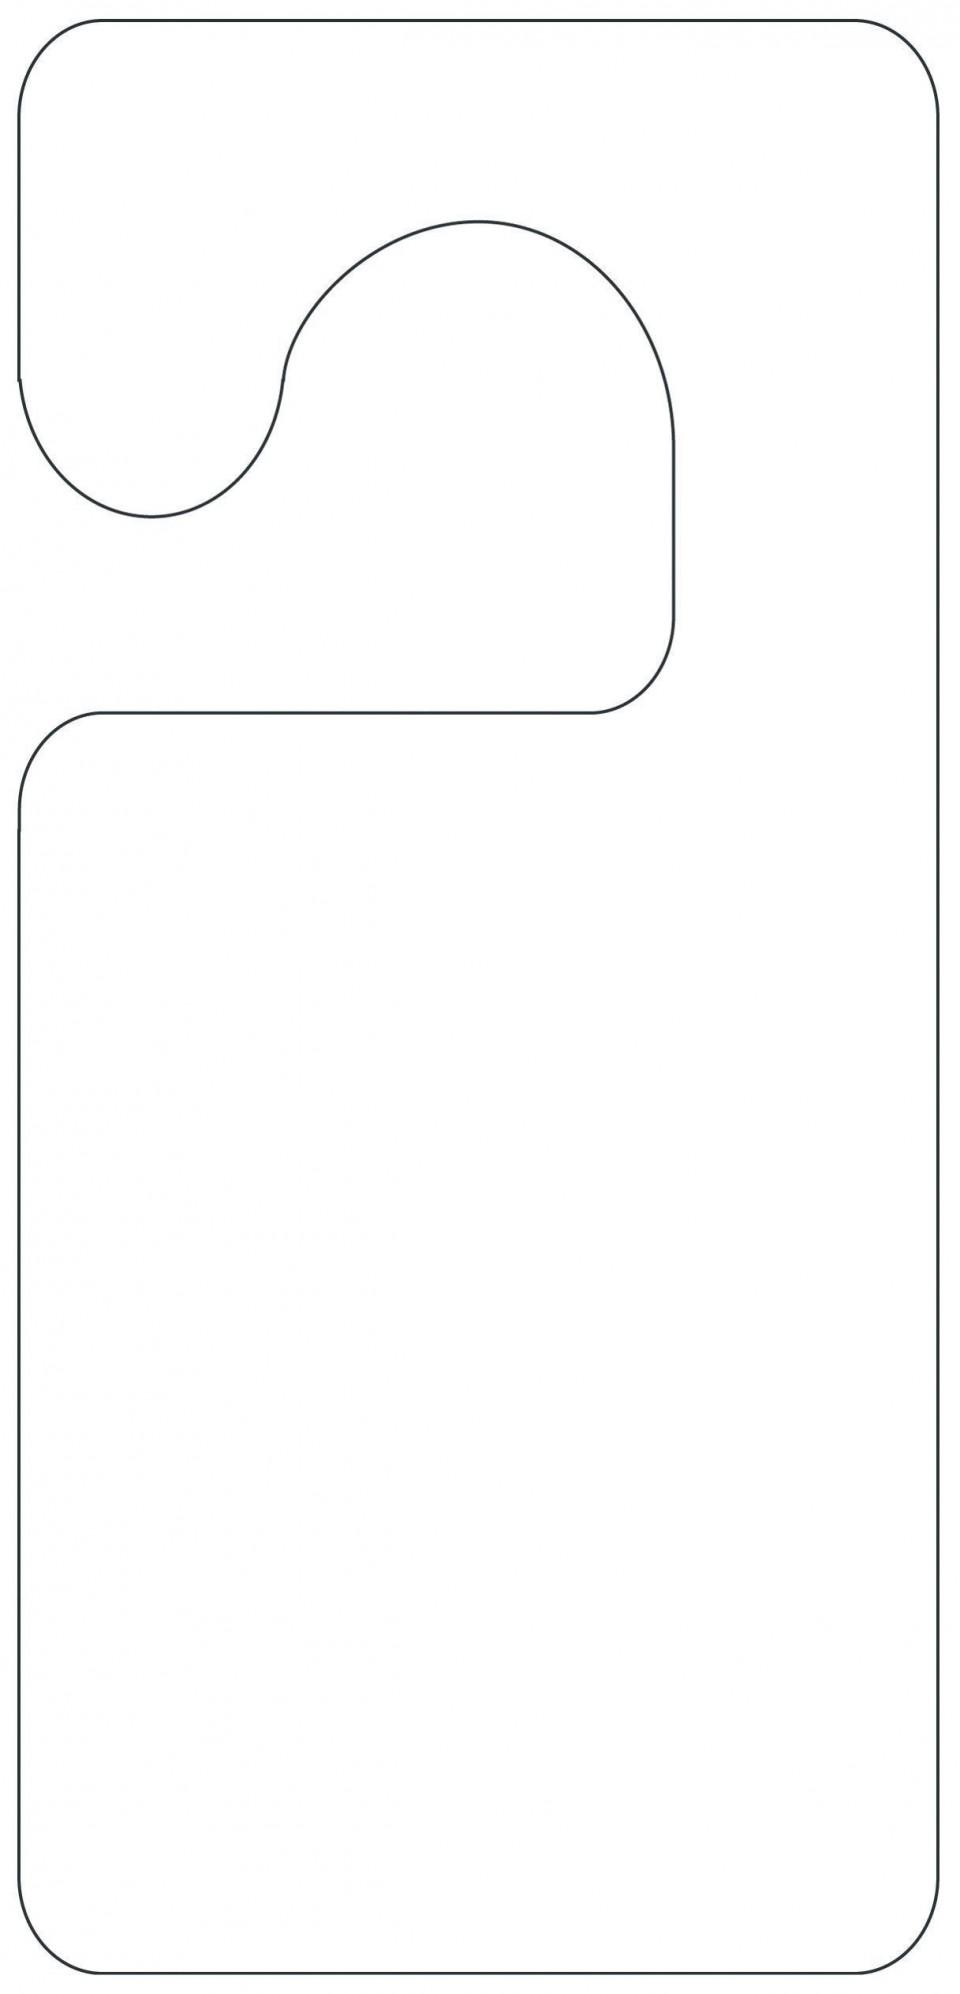 004 Unforgettable Blank Door Hanger Template Free Example 960